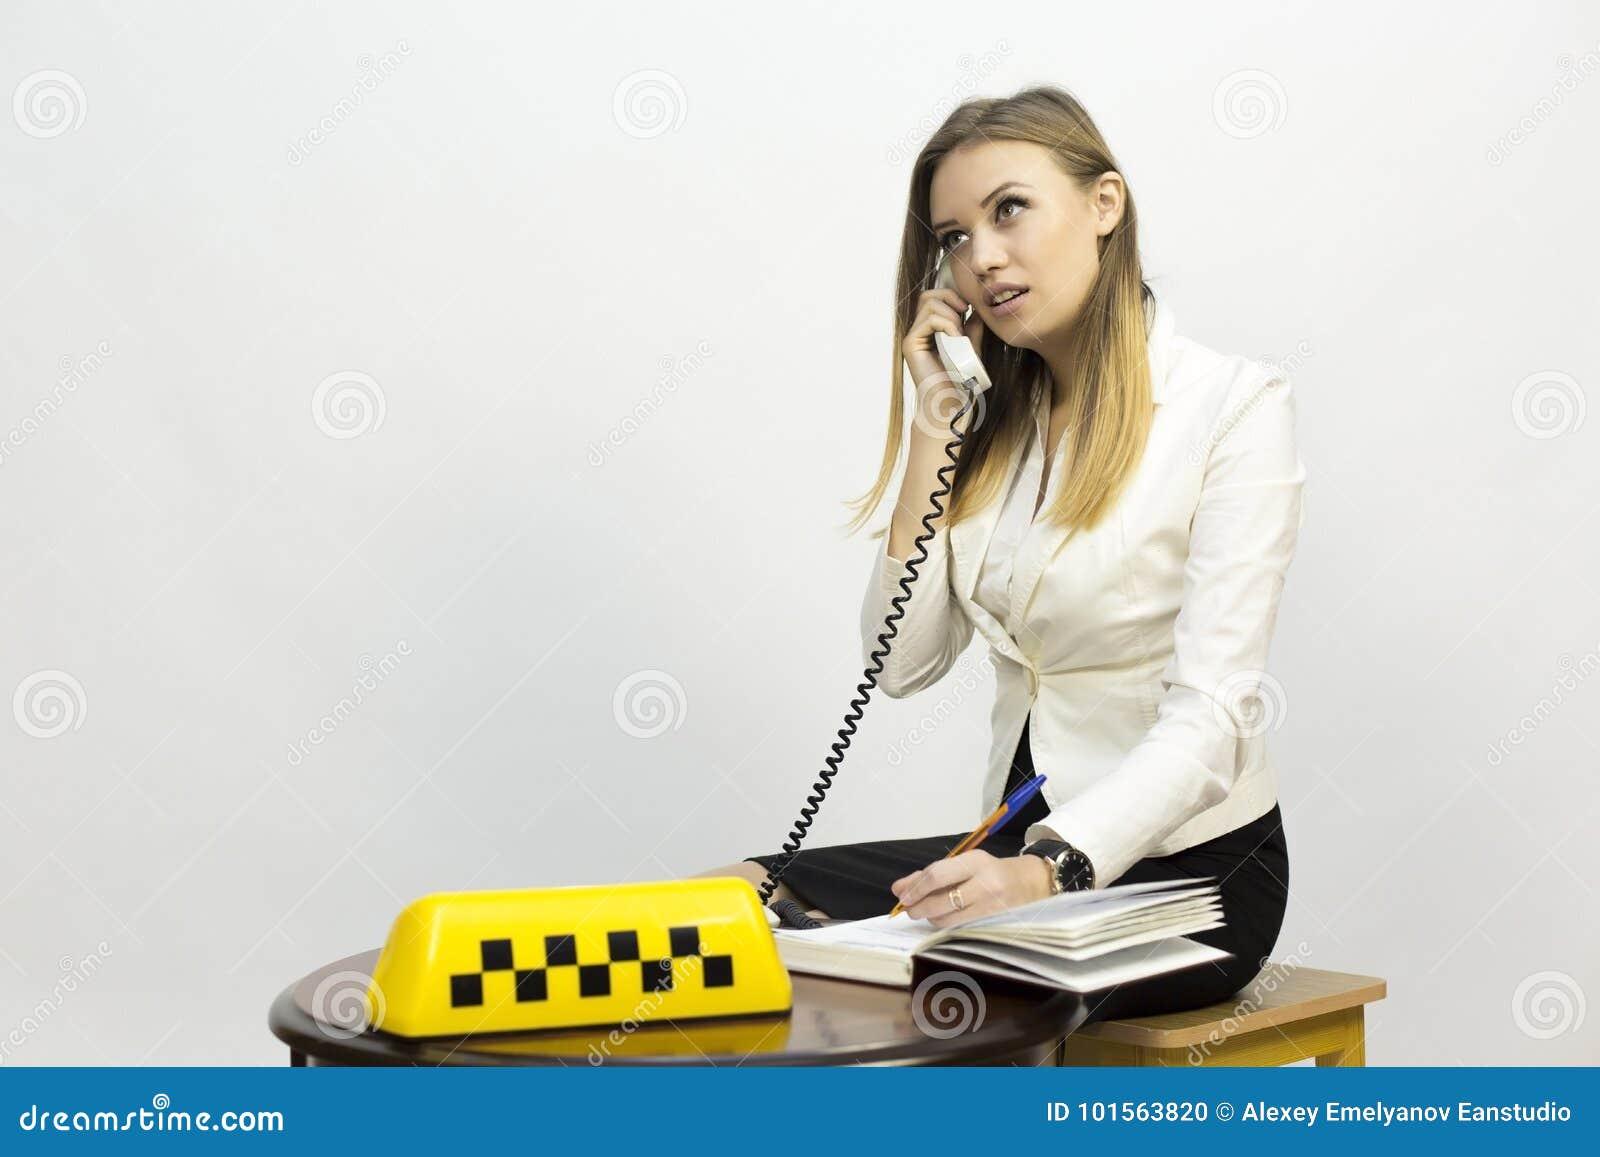 Работа девушке от диспетчера модельные агентства москвы мужчин